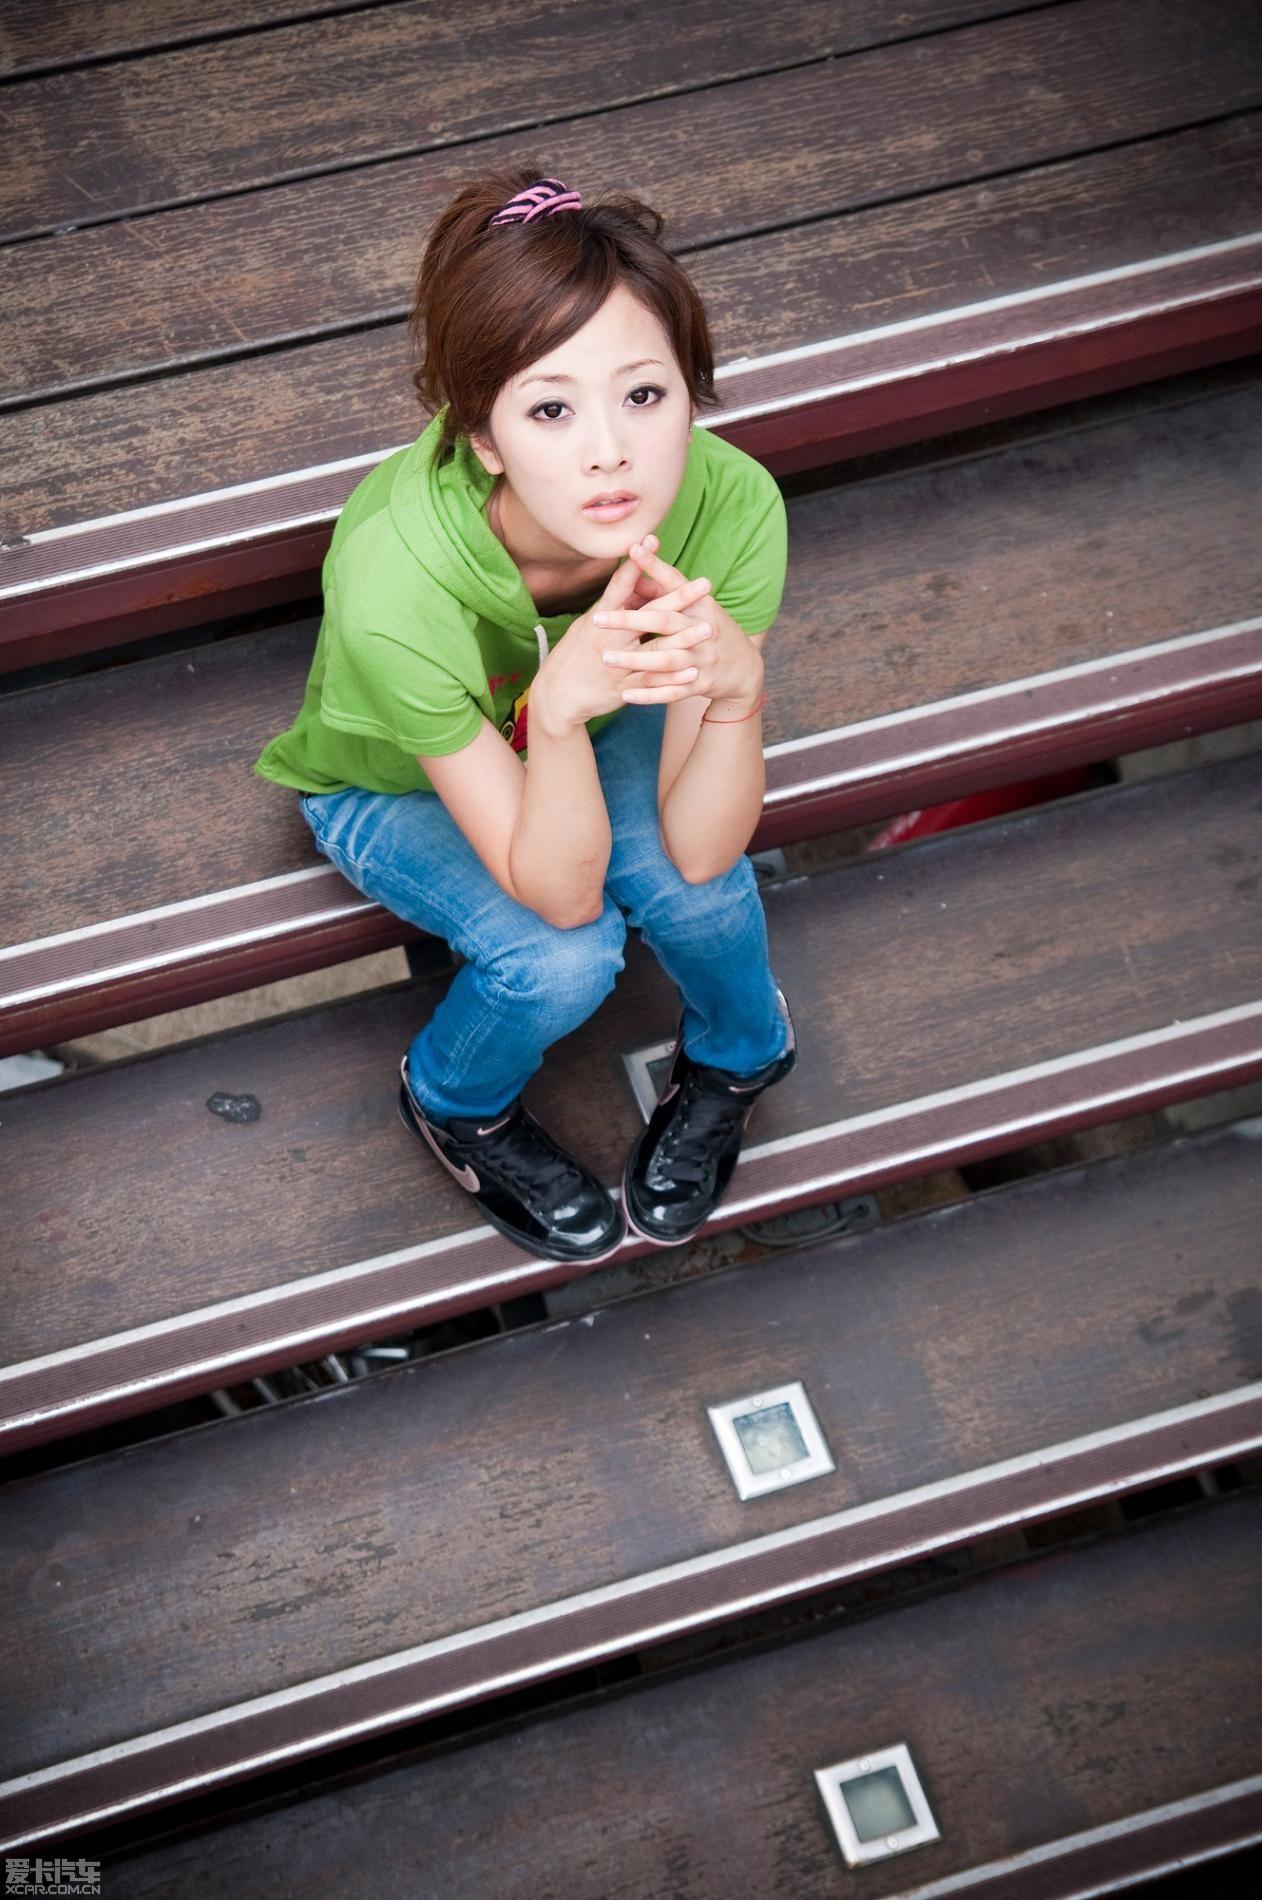 【精华】美女果子西门町养眼生活照(二)~~~~